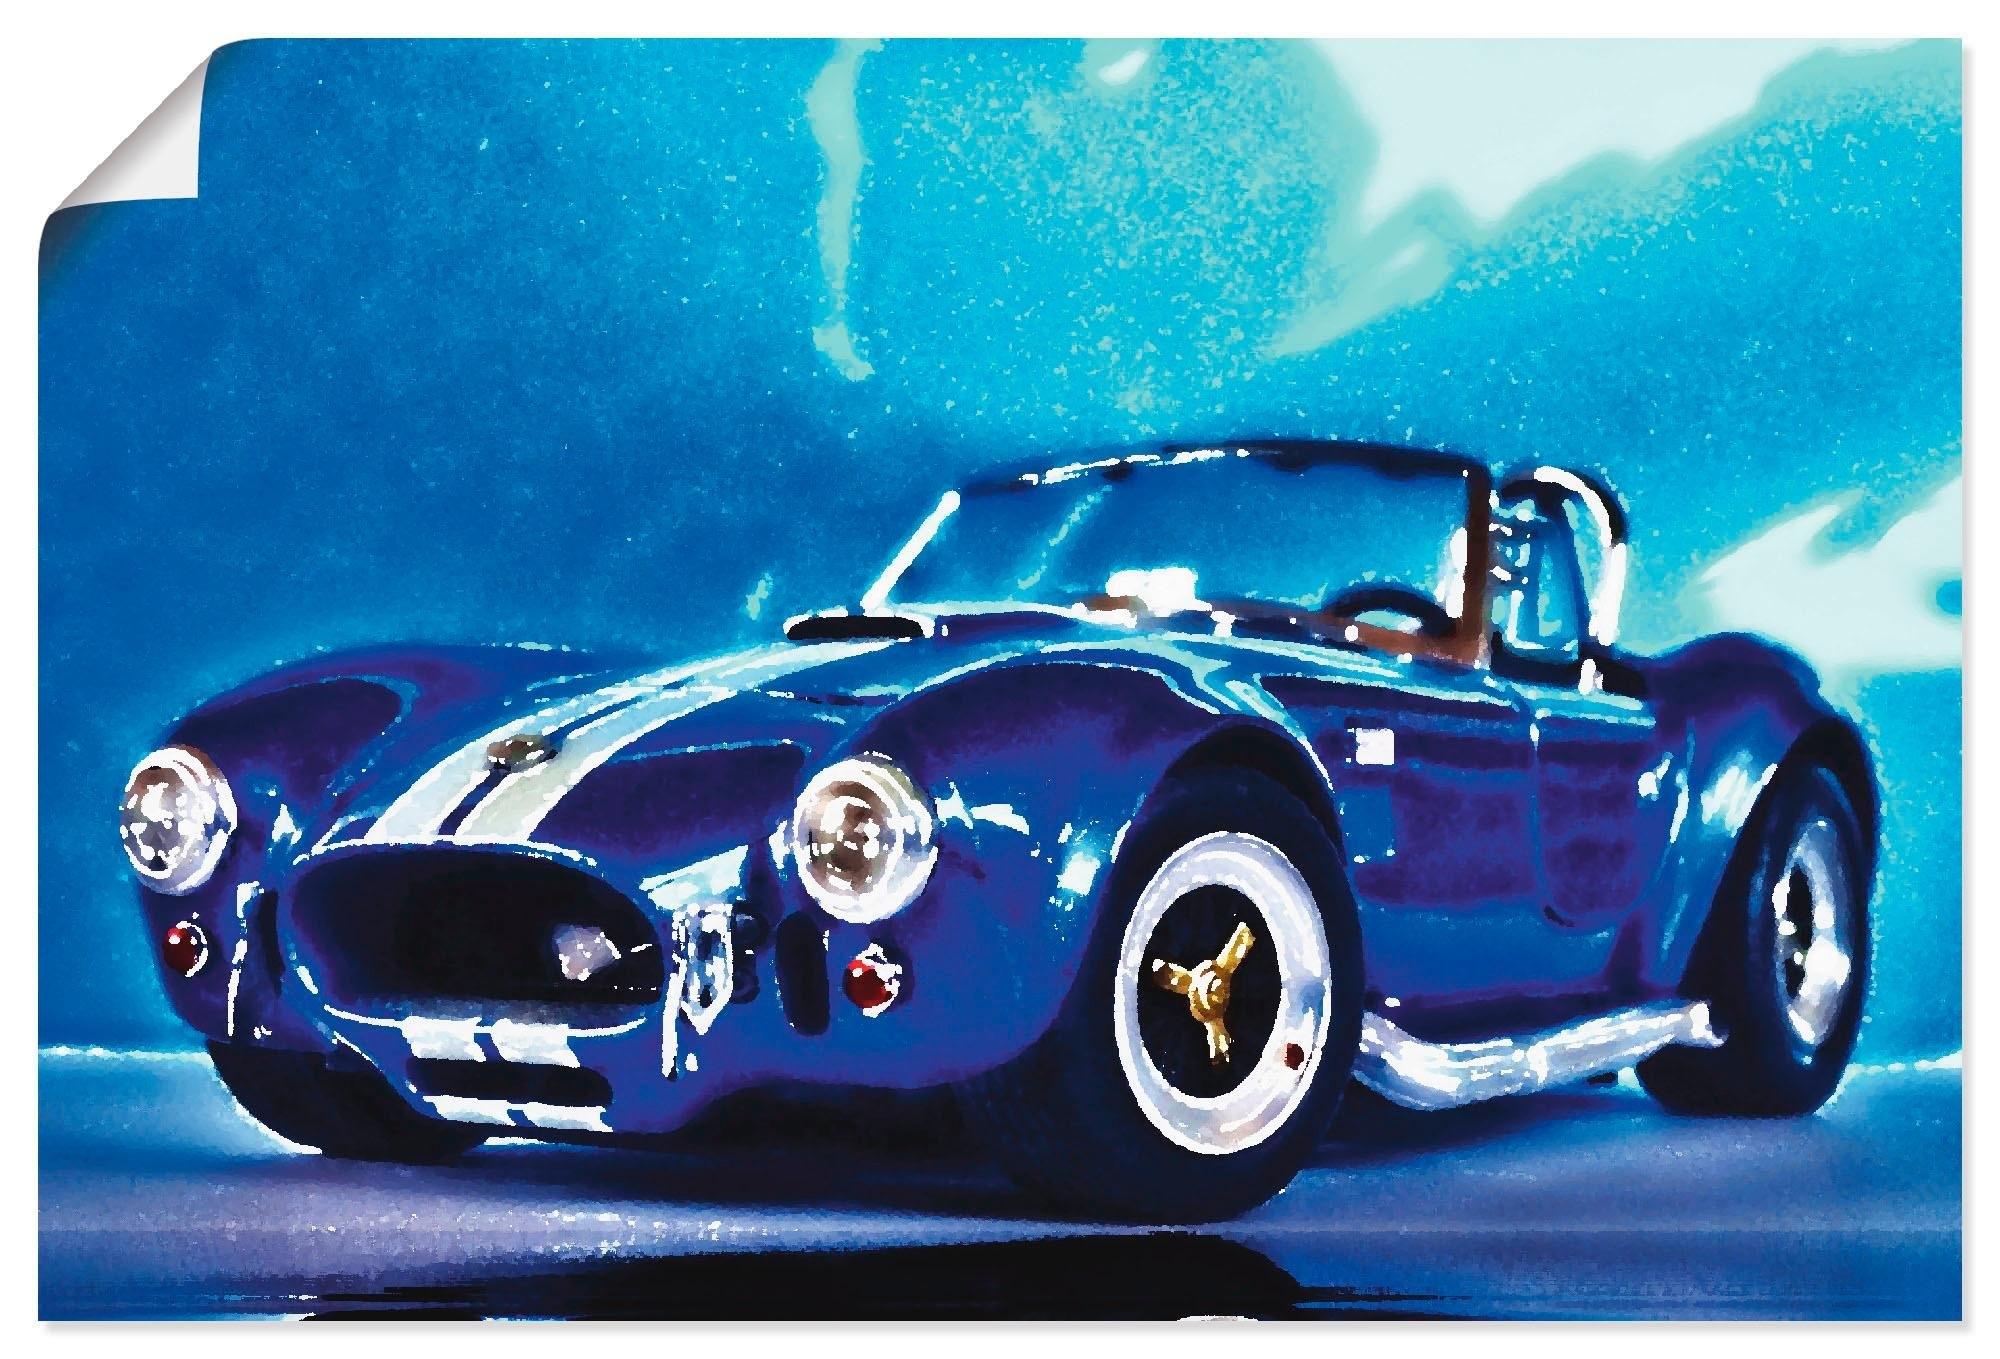 Artland artprint »Shelby Cobra« nu online bestellen